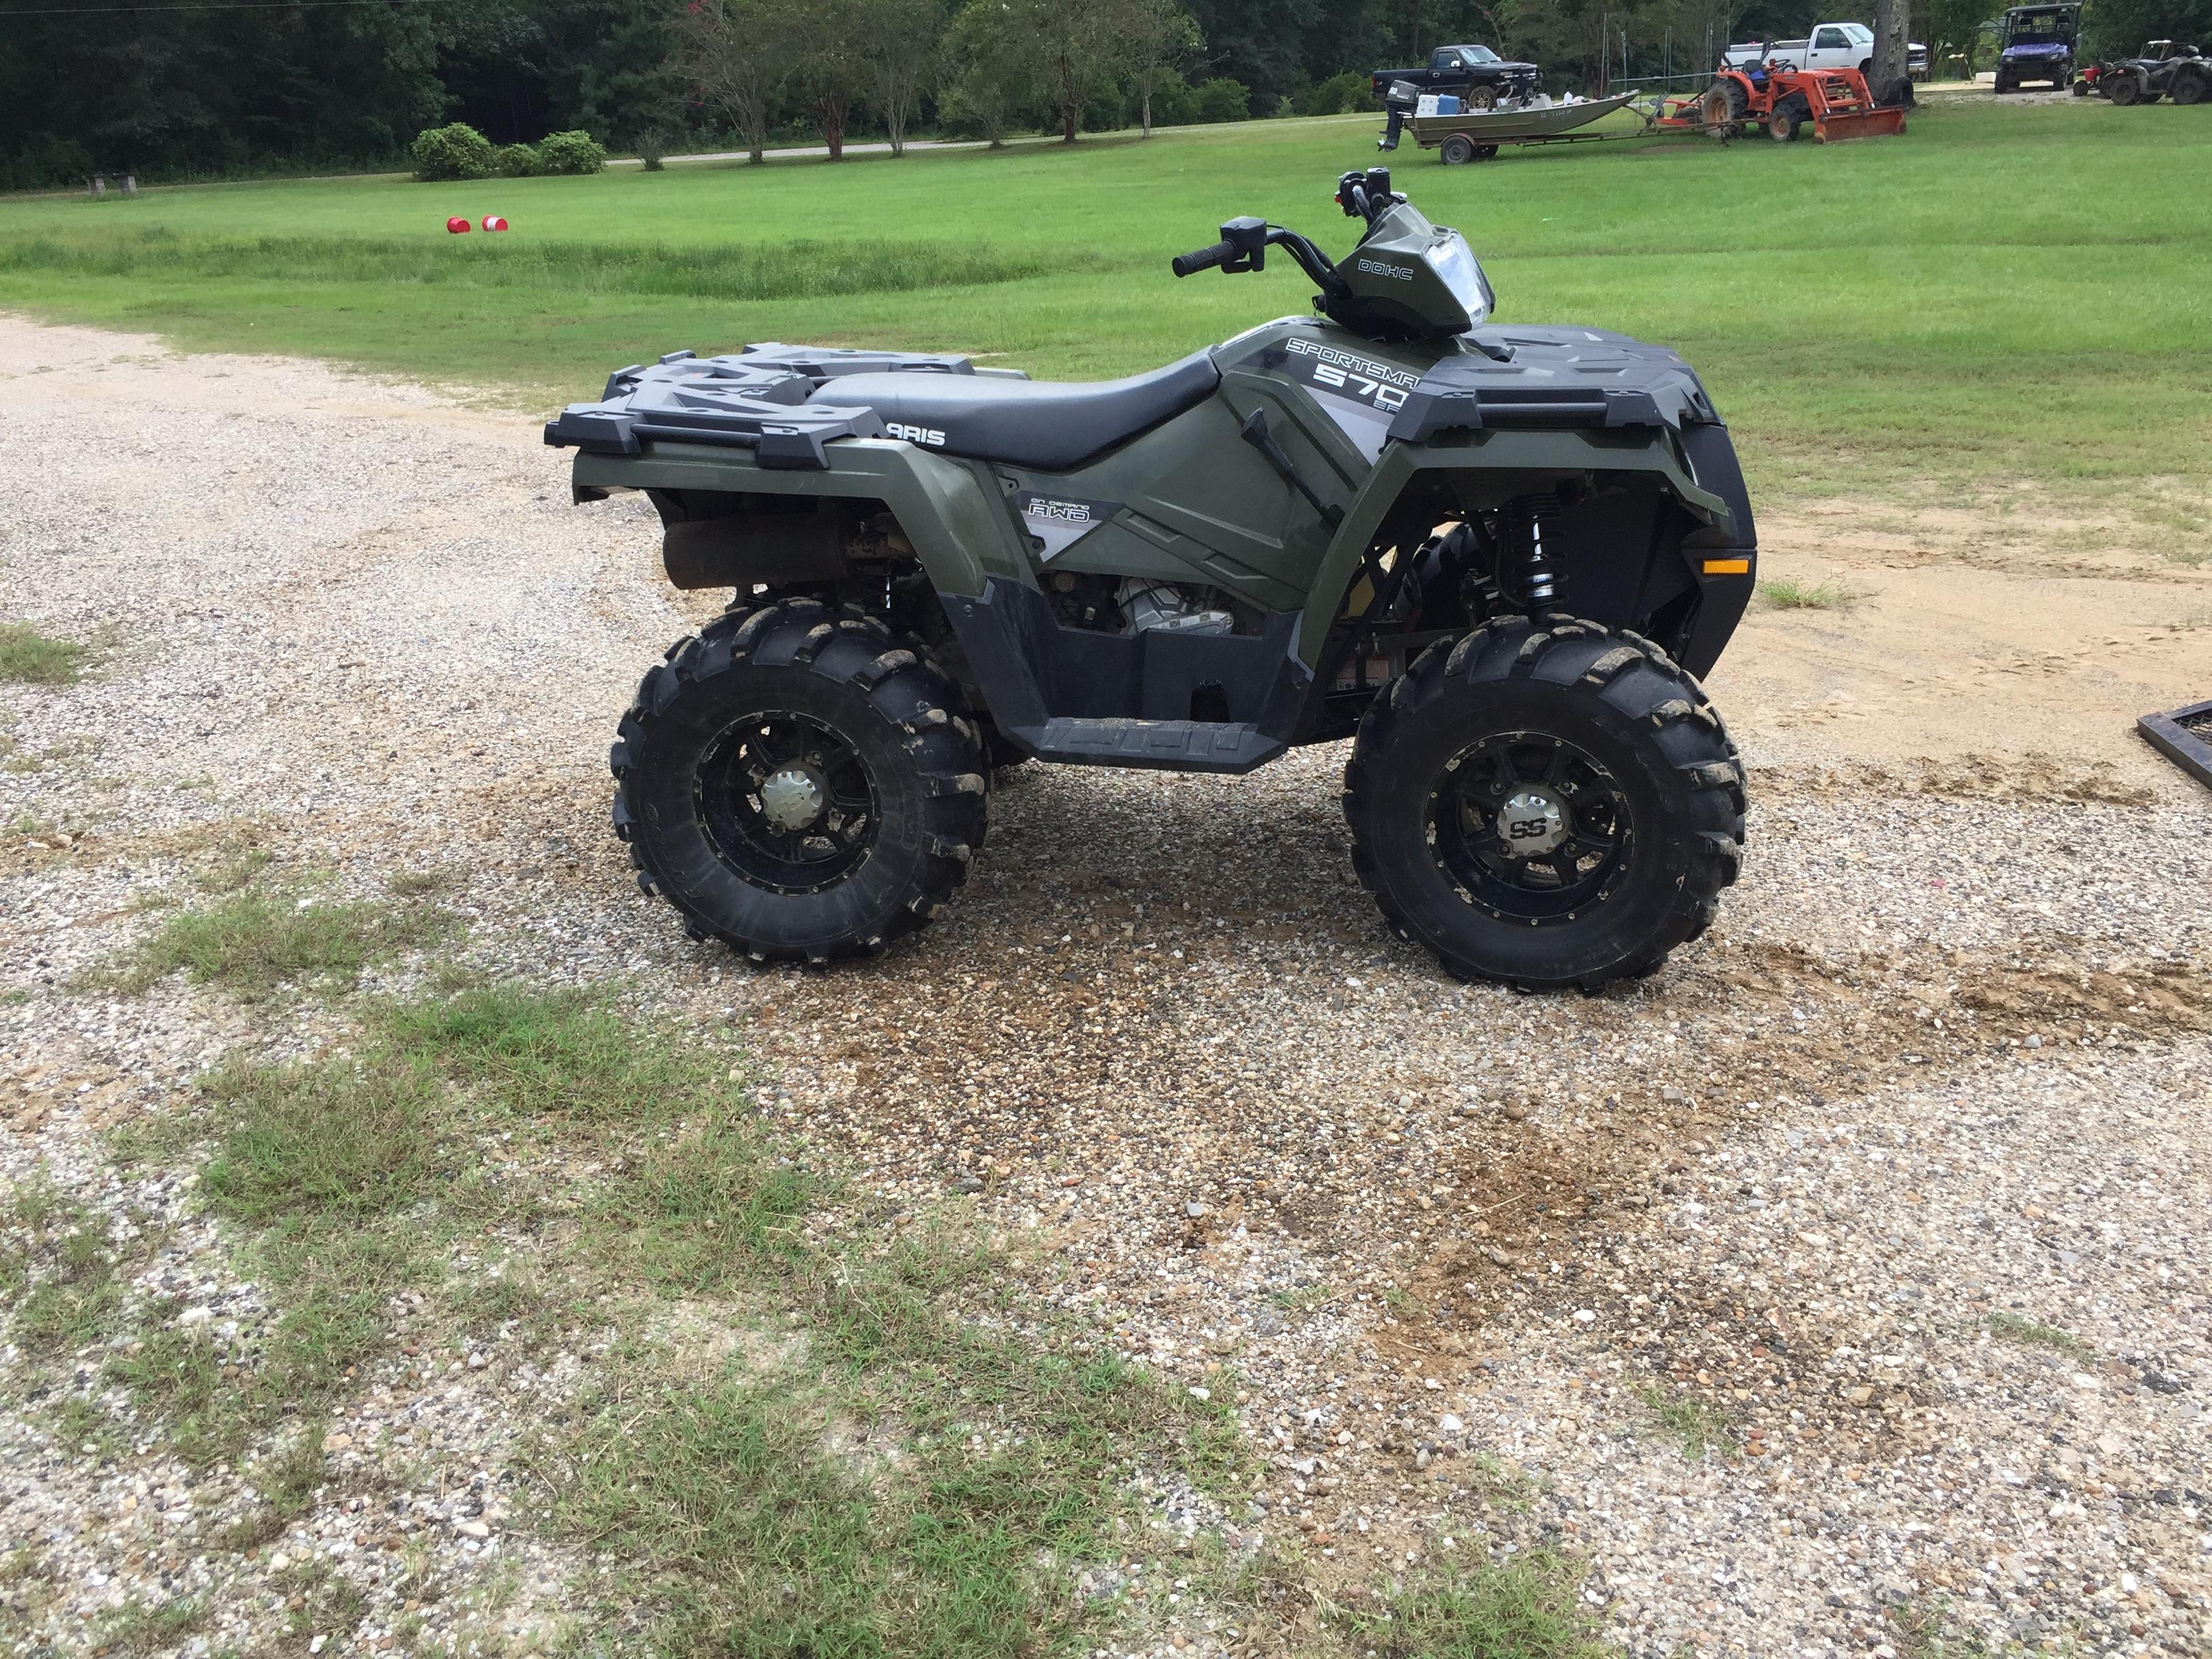 Polaris 500 Sportsman Parts >> Polaris sportsman 570 2 inch lift kit - Polaris ATV Forum